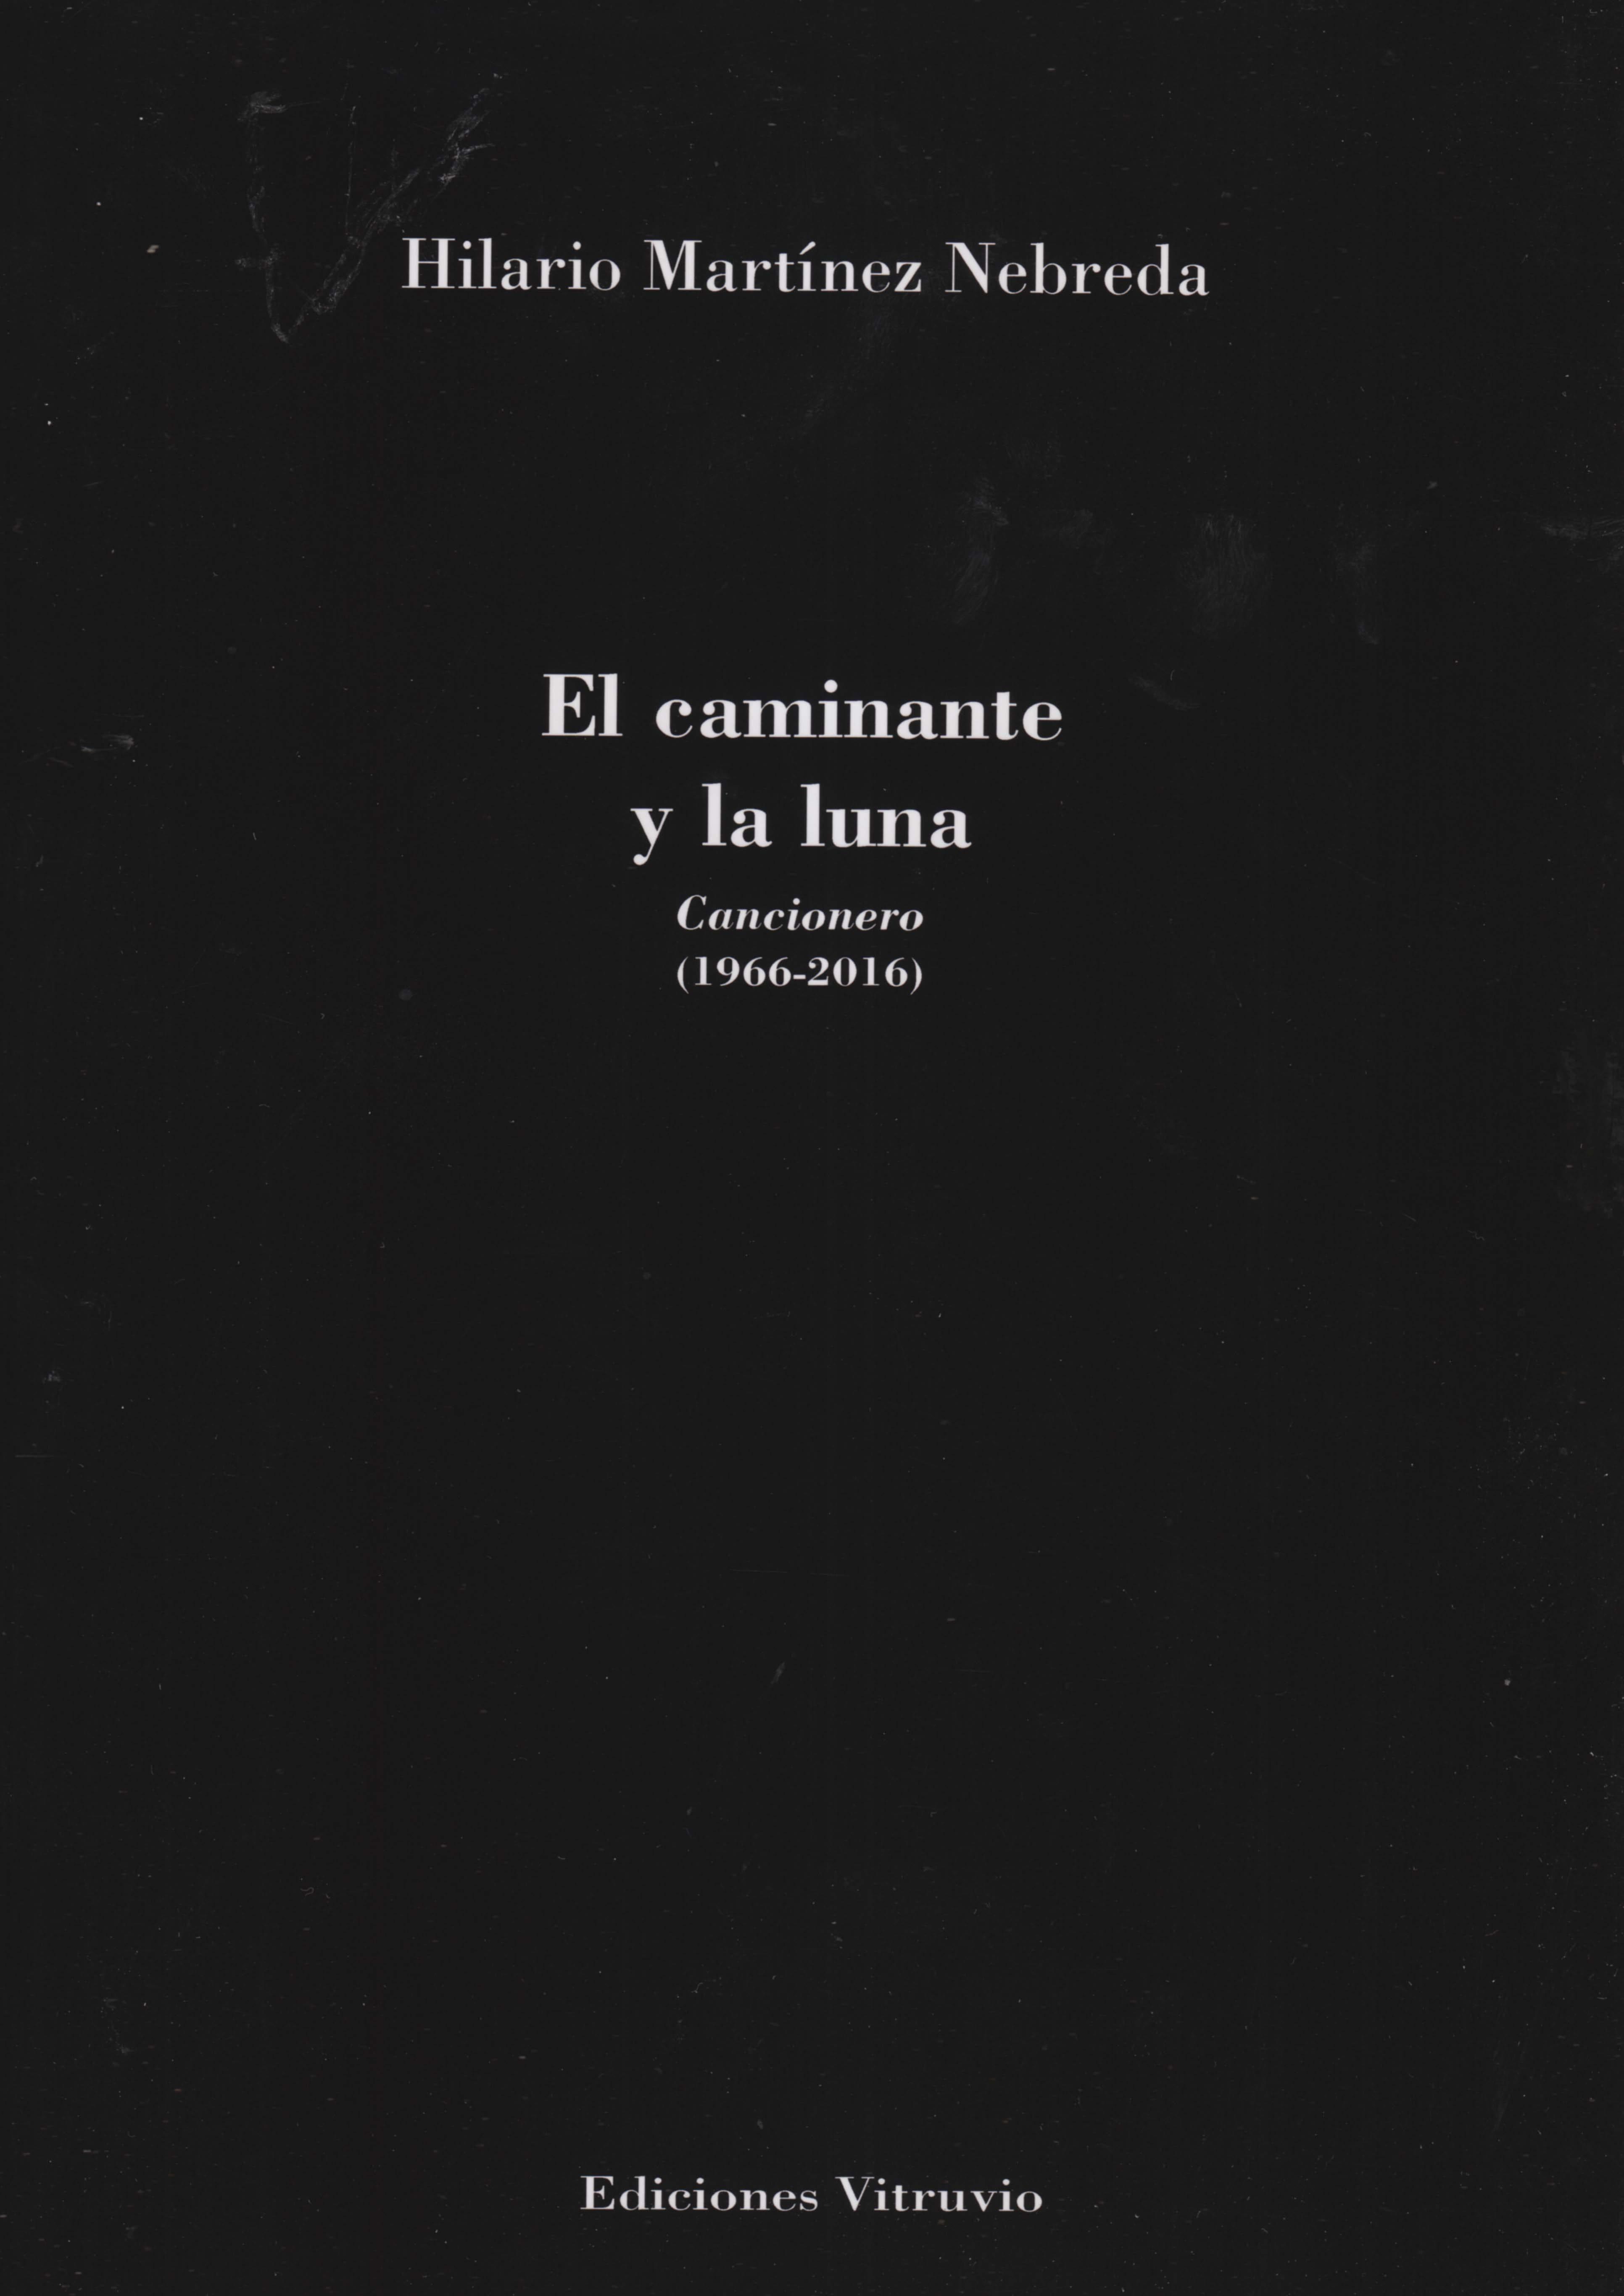 el caminante y la luna - Elcaminateylaluna - EL CAMINANTE Y LA LUNA libros recomendados - Elcaminateylaluna - Libros recomendados